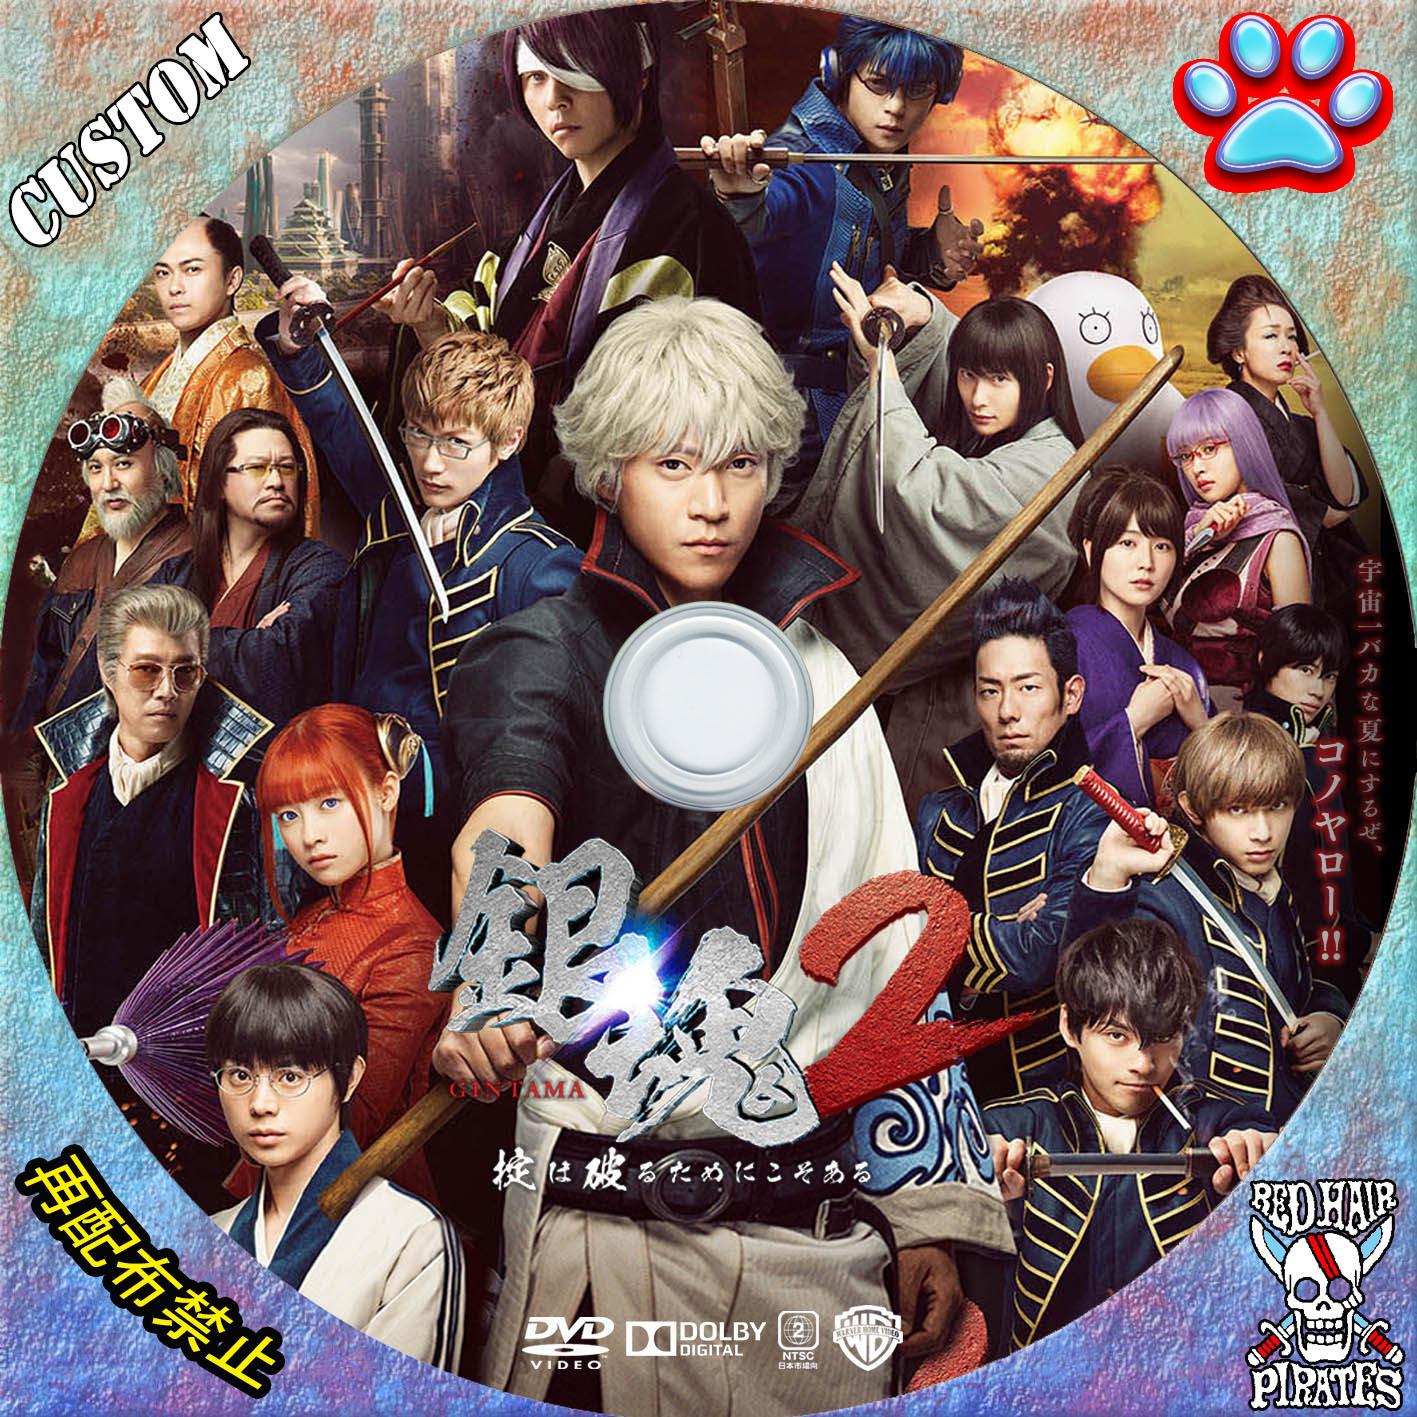 DVDラベル 銀魂,2. BDラベル